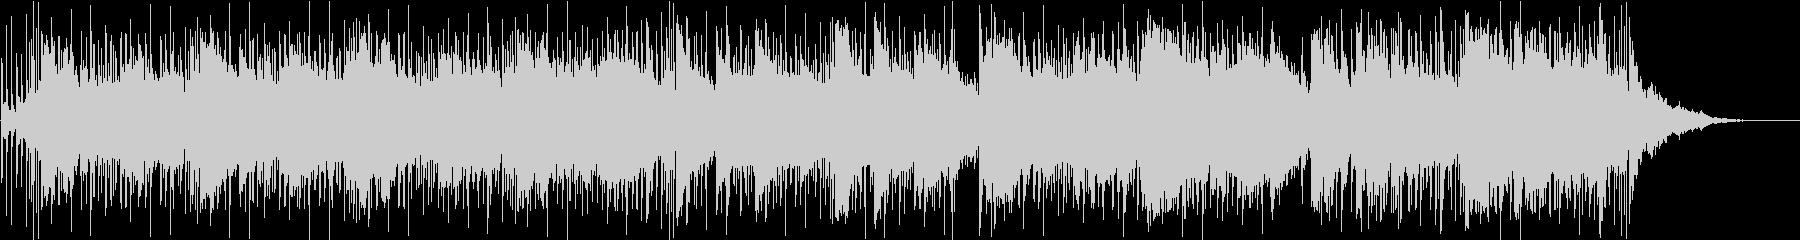 シンセパッドと流れる間奏のための素...の未再生の波形